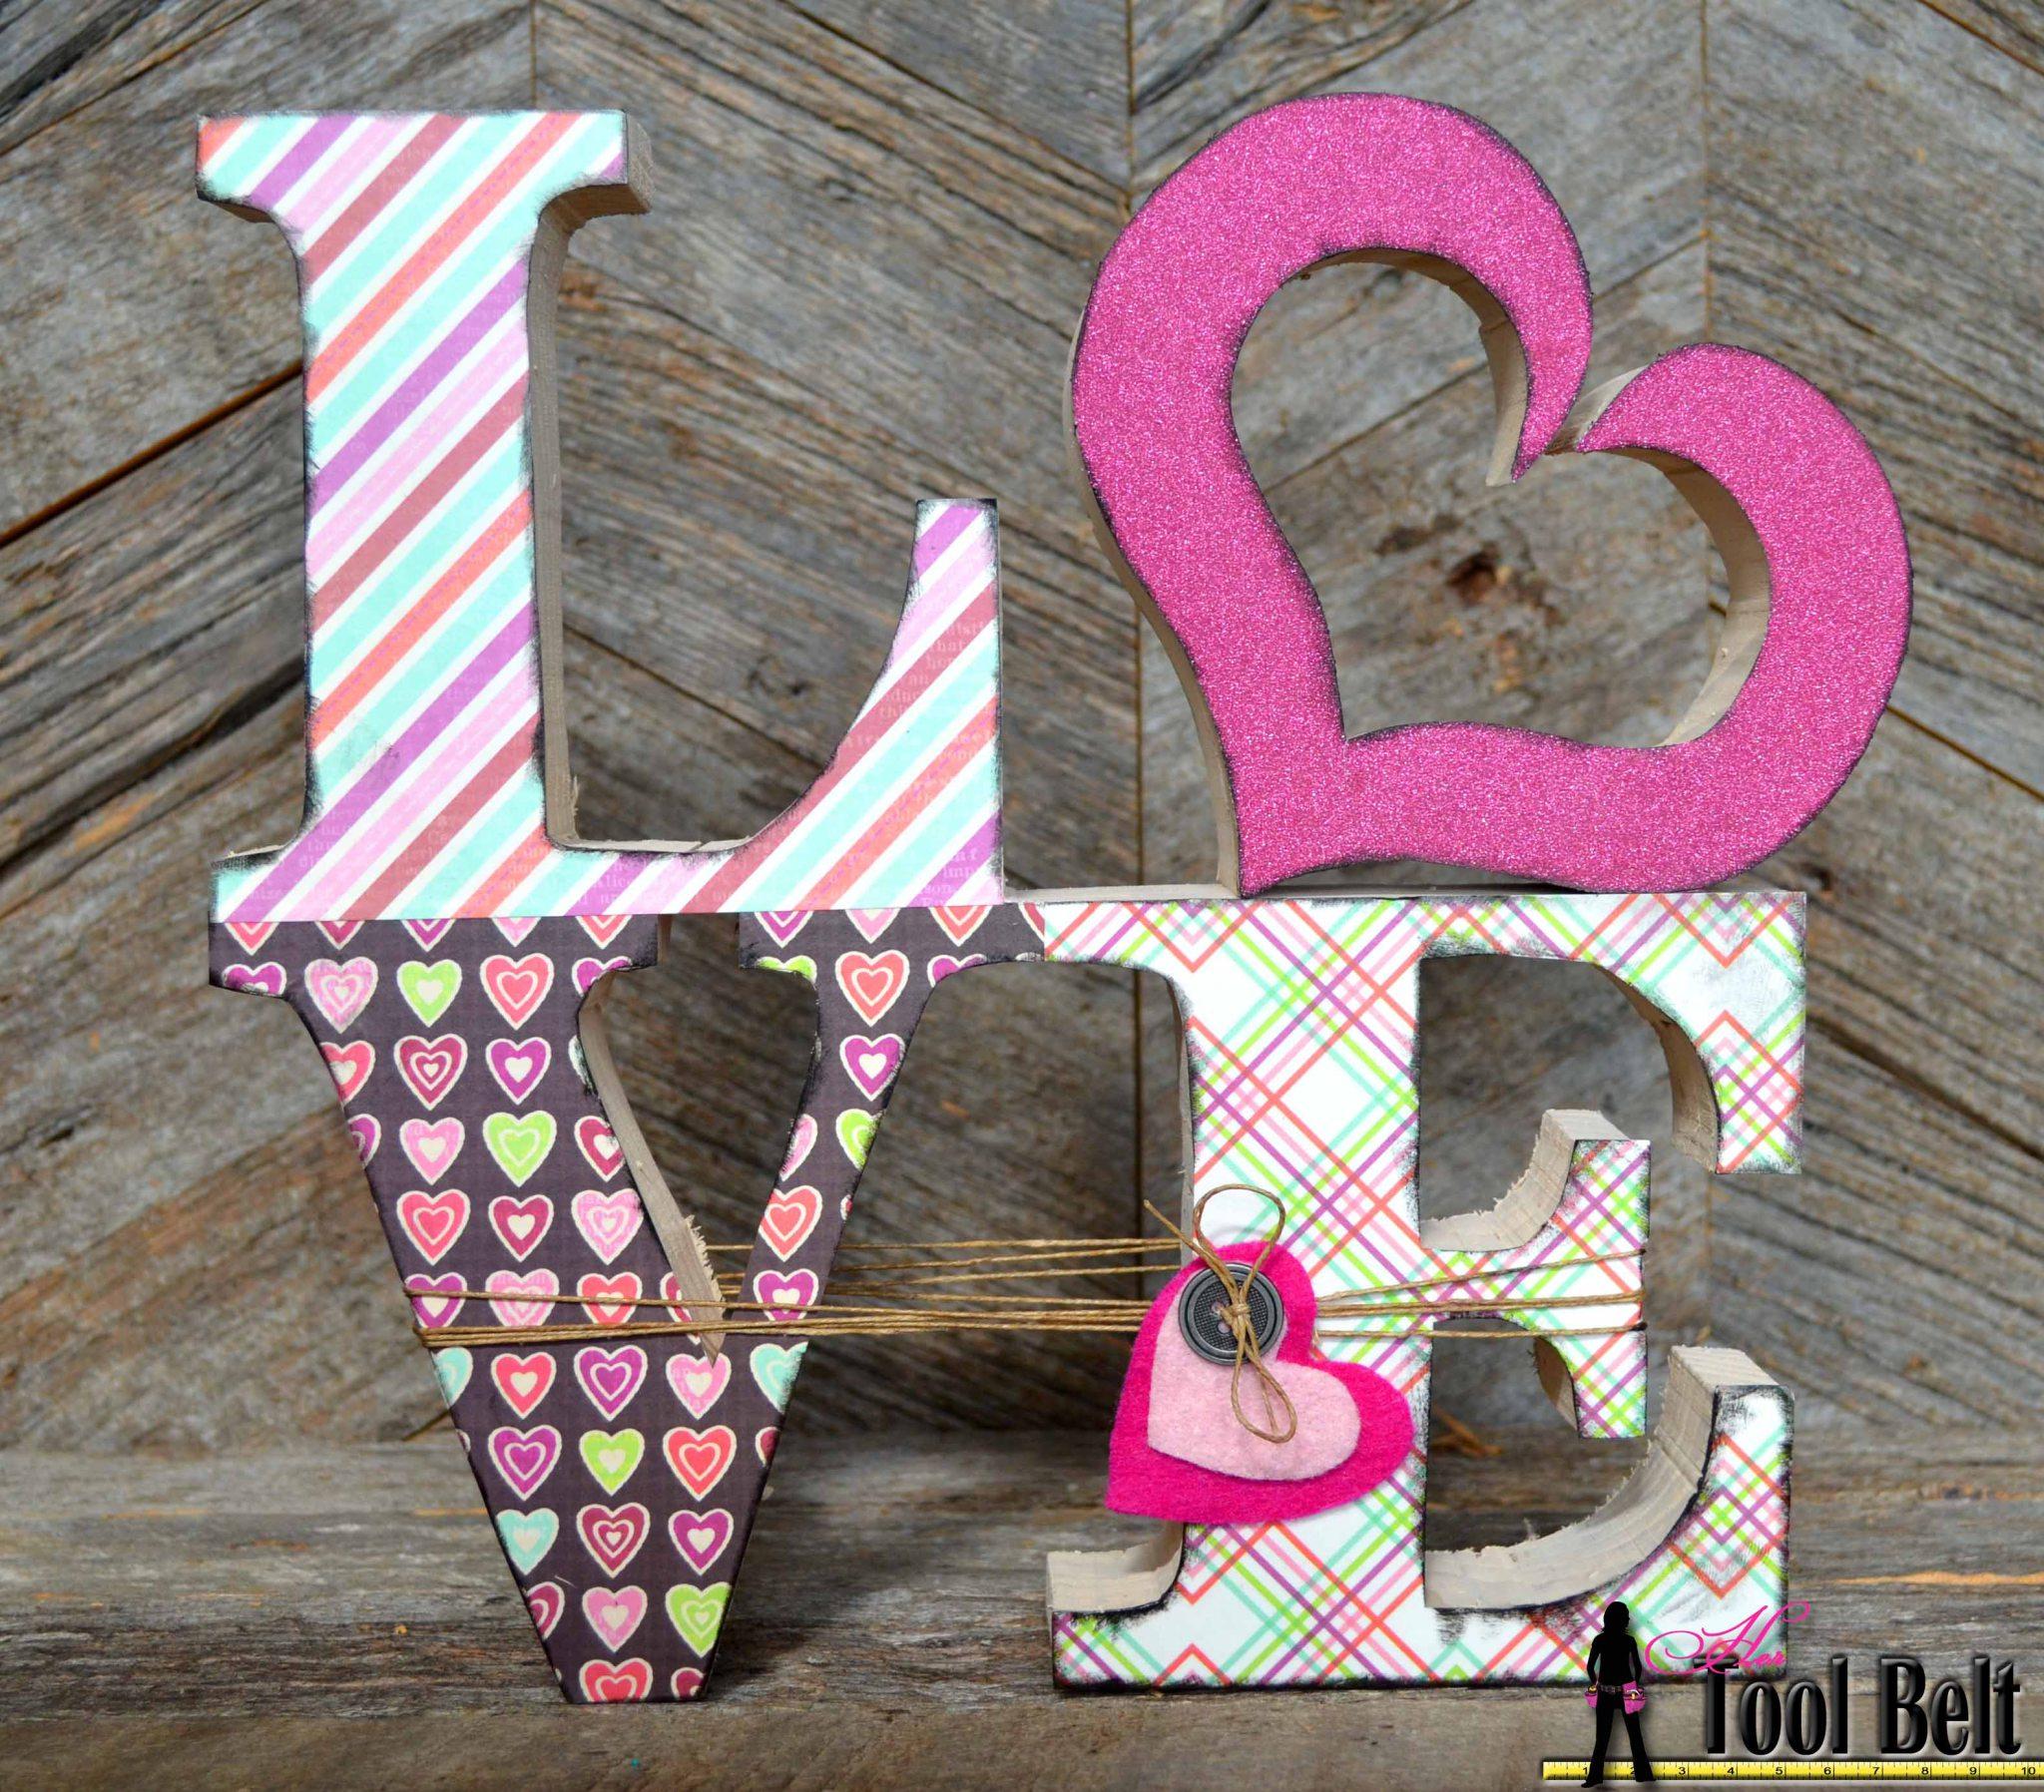 LOVE-wood-blocks @hertoolbelt